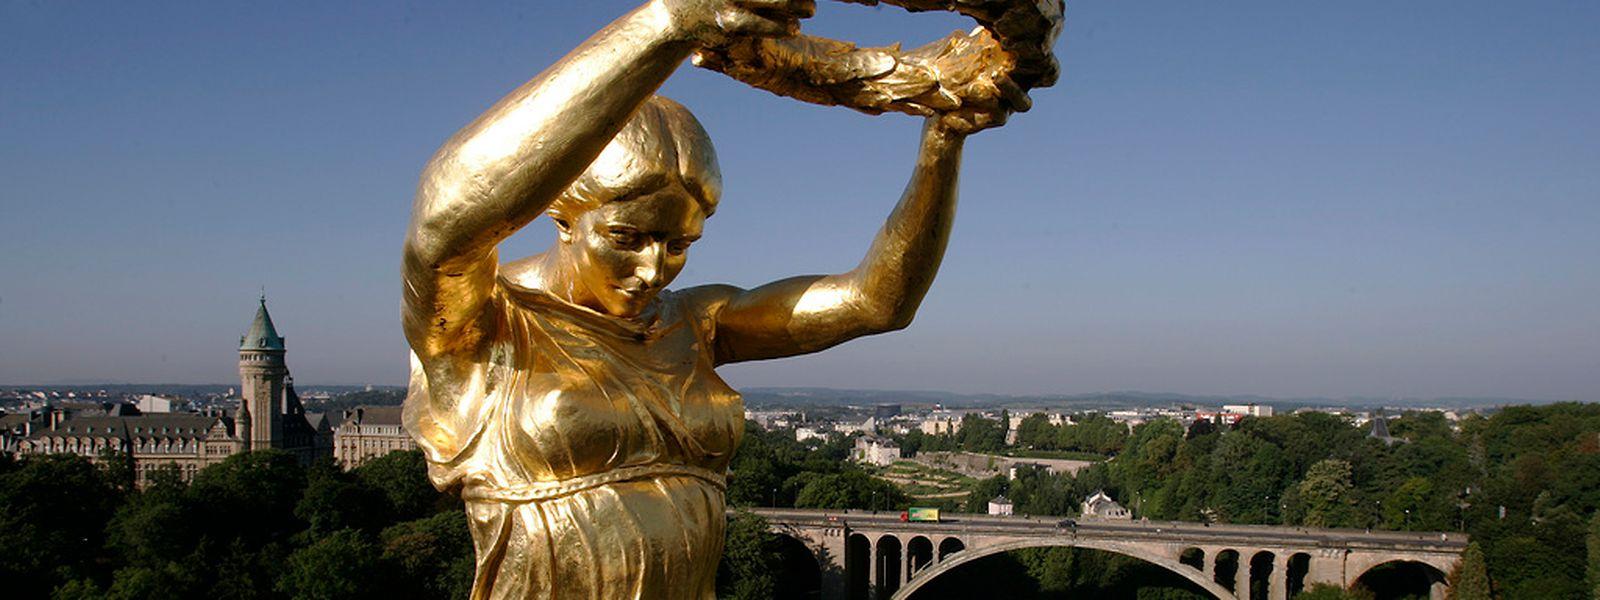 """Une marque """"Luxembourg"""" cherche à redorer l'image du pays à l'étranger."""